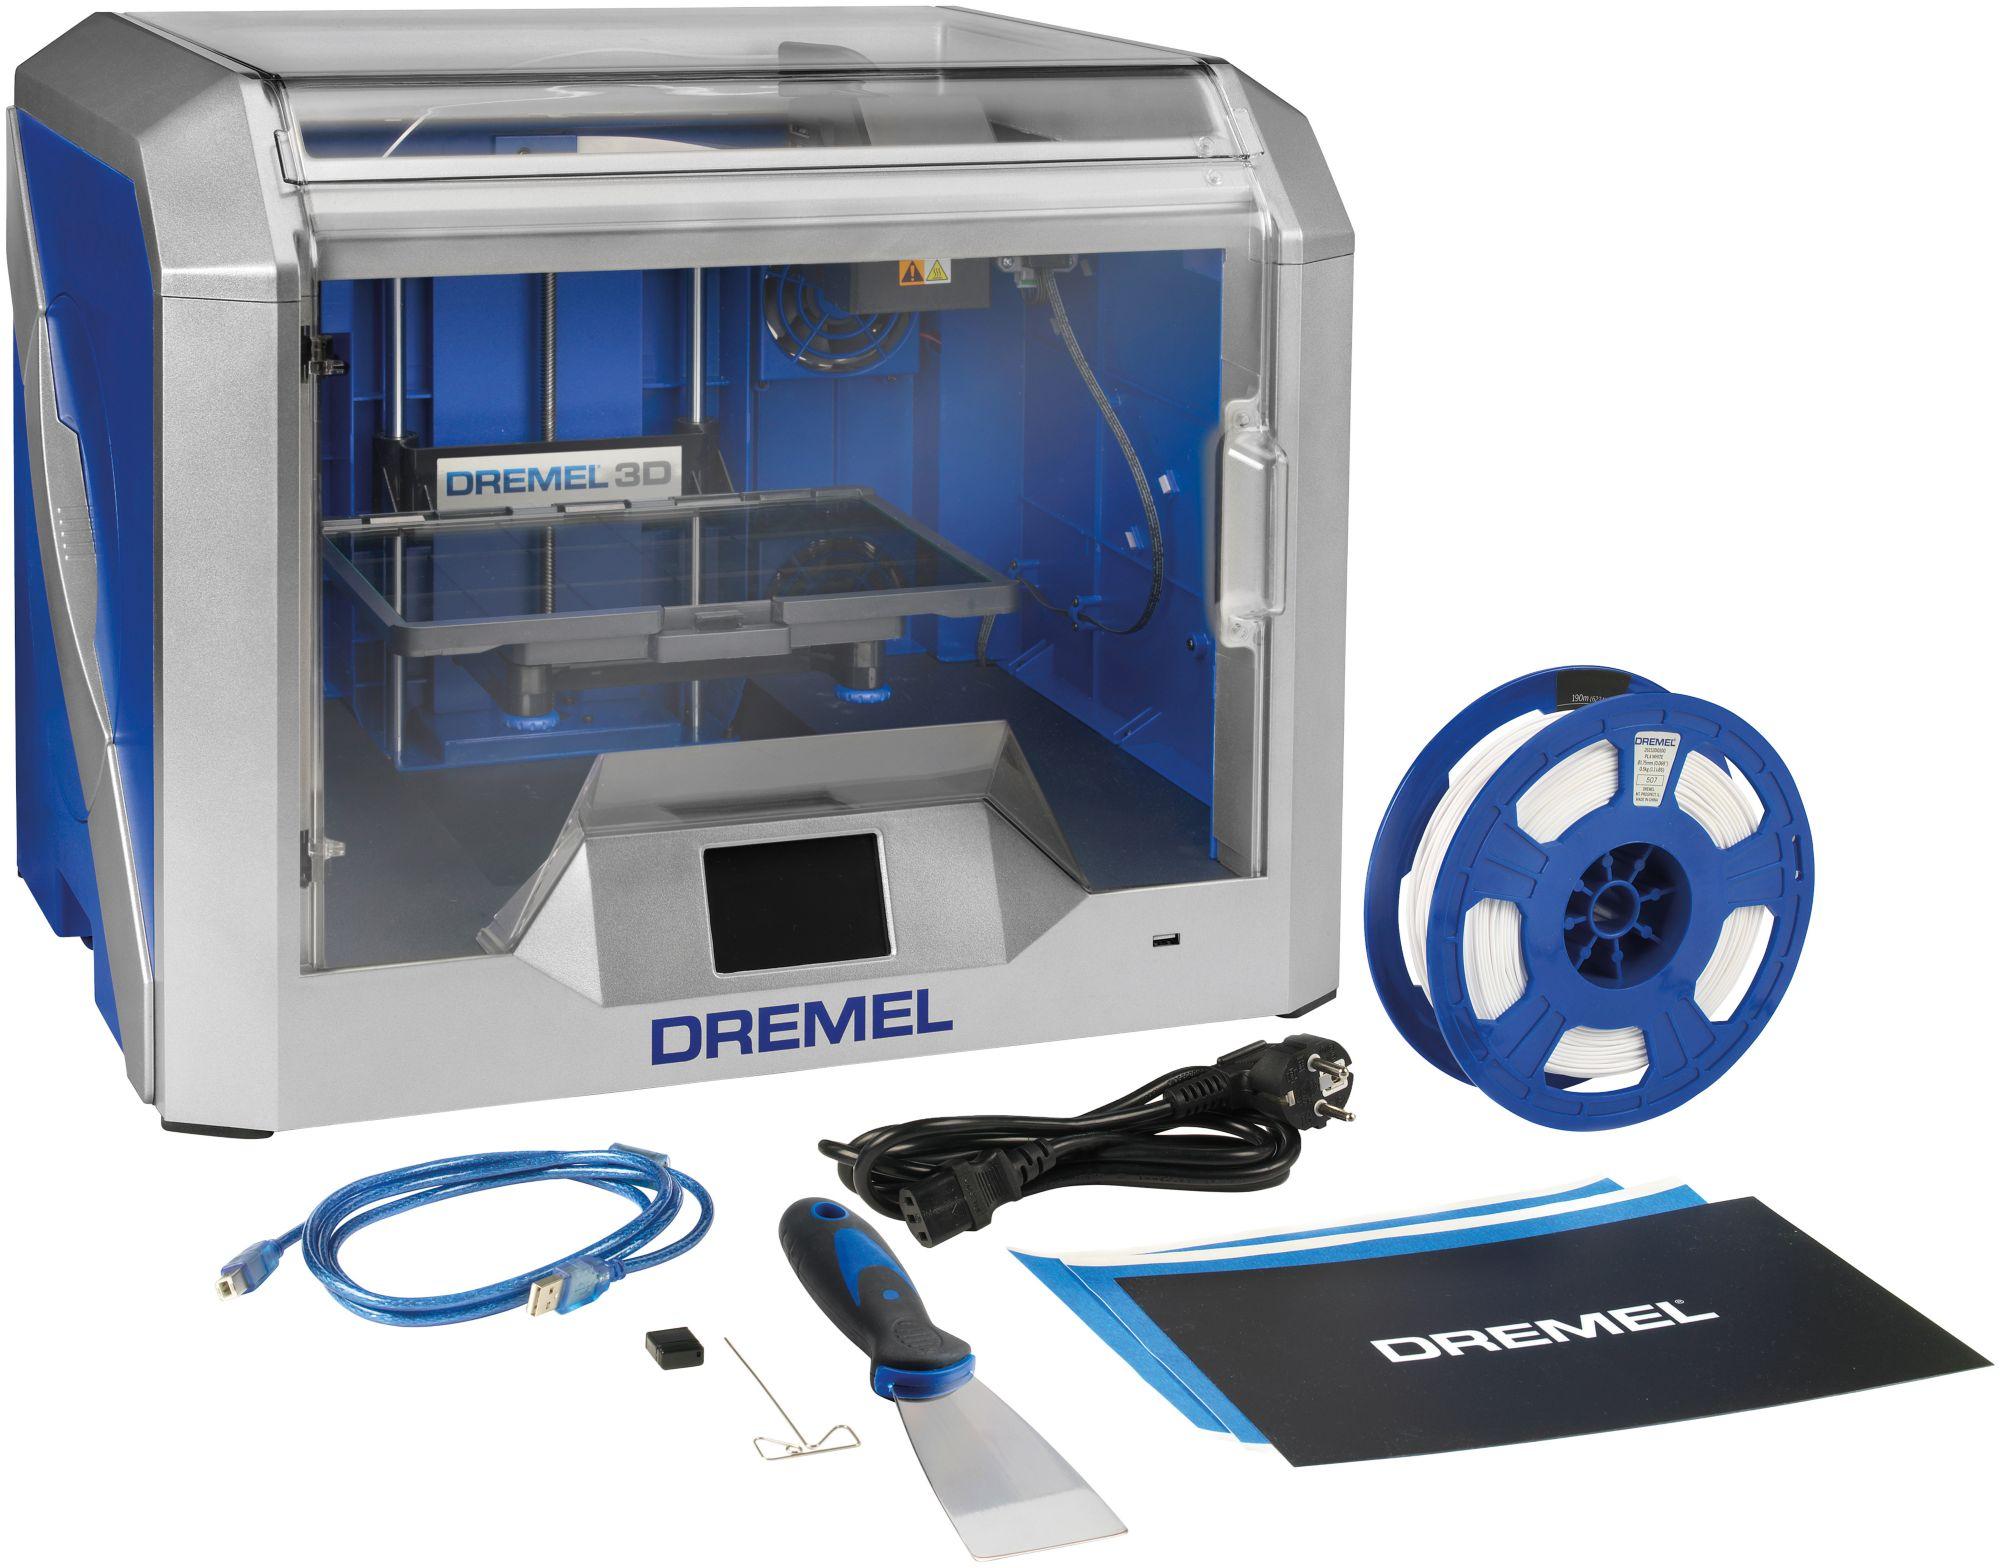 DREMEL 3D 40 Idea Builder, 3D-Drucker